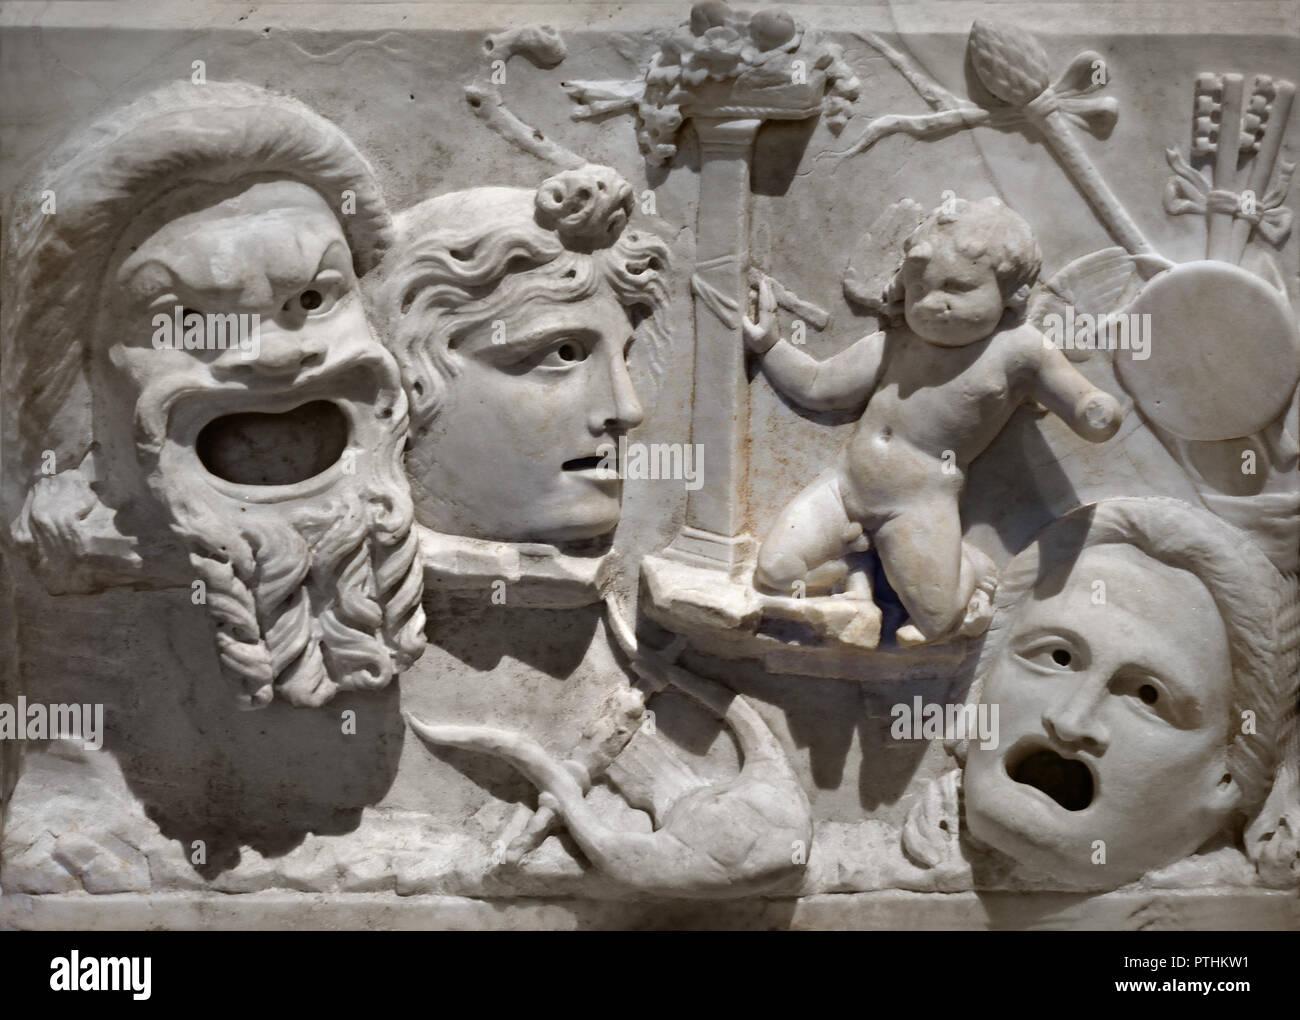 Masque double-face 2ème ANNONCE de siècle romain de secours ( bd barbu et un masque dionysiaque instationnaires sont debout sur une corniche étroite, un petit Eros a volé dans et rebondit dans l'horreur de l'masques grotesques. Les attributs dionysiaques sur le coin supérieur droit avec , tympan, double flûte et thyrse ) Photo Stock